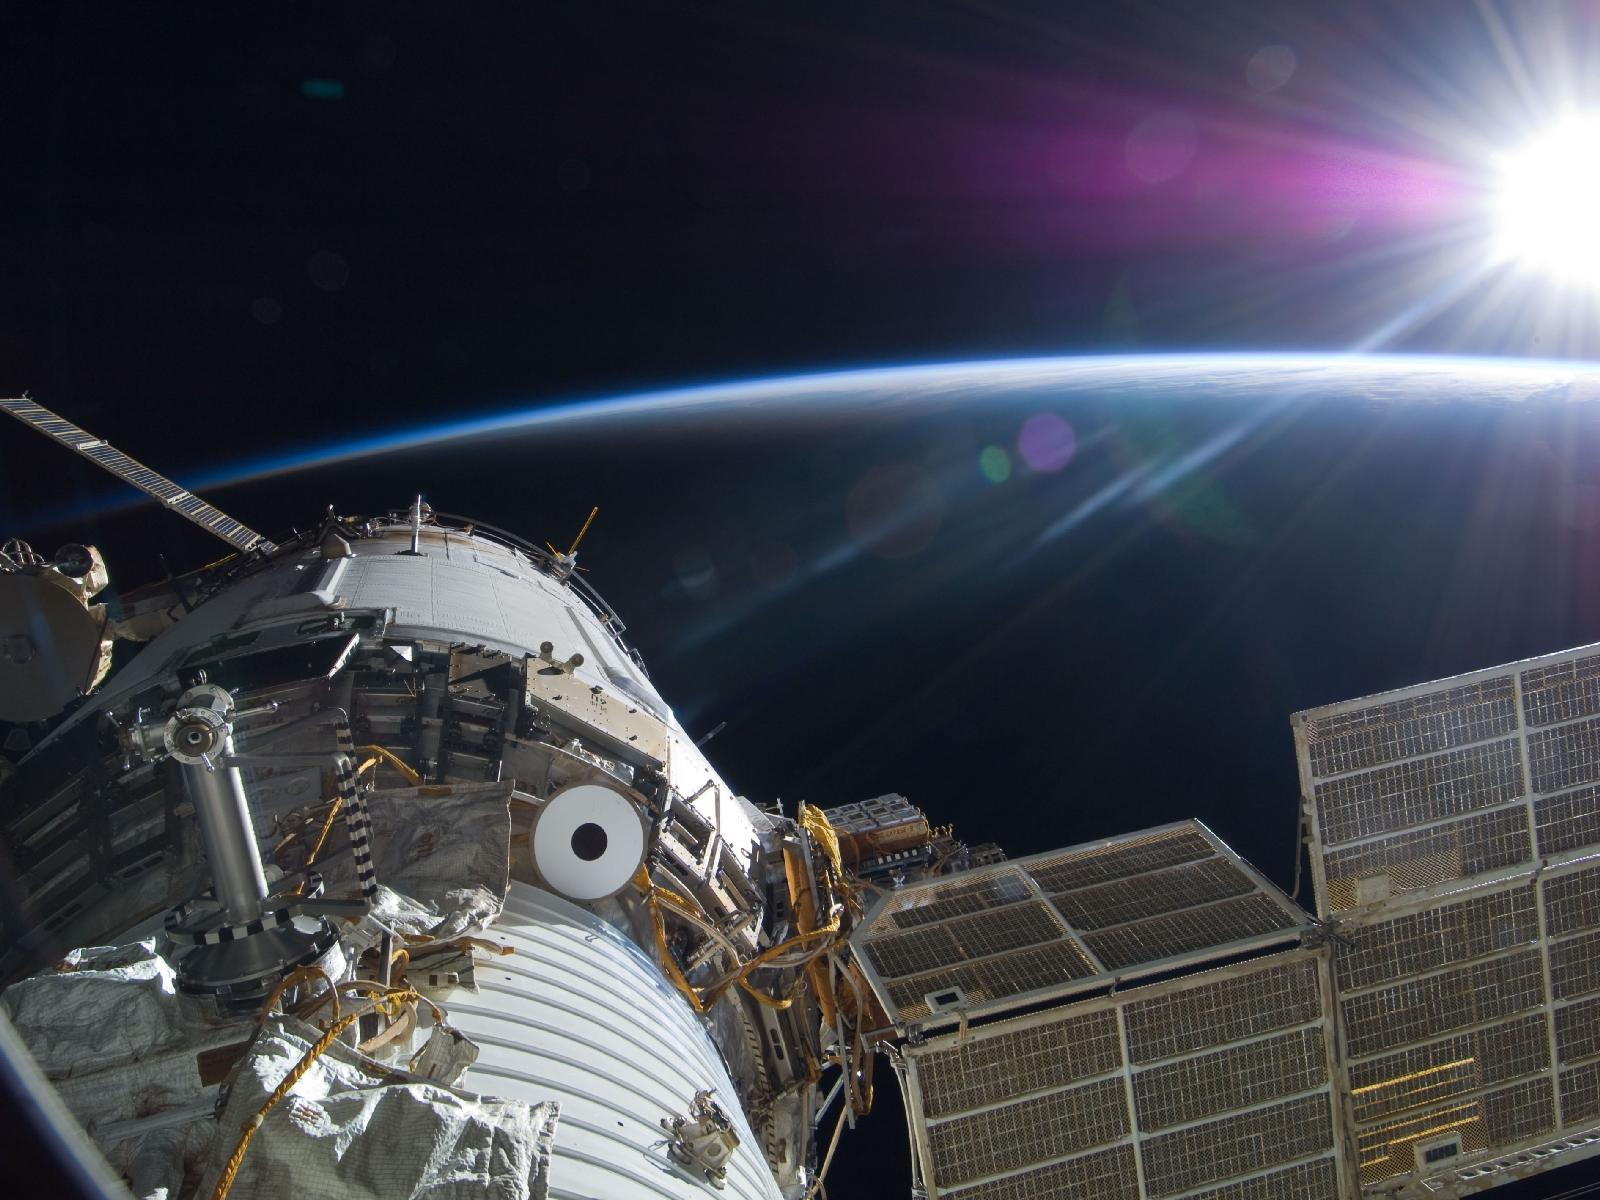 Красивые фотографии спутников в космосе